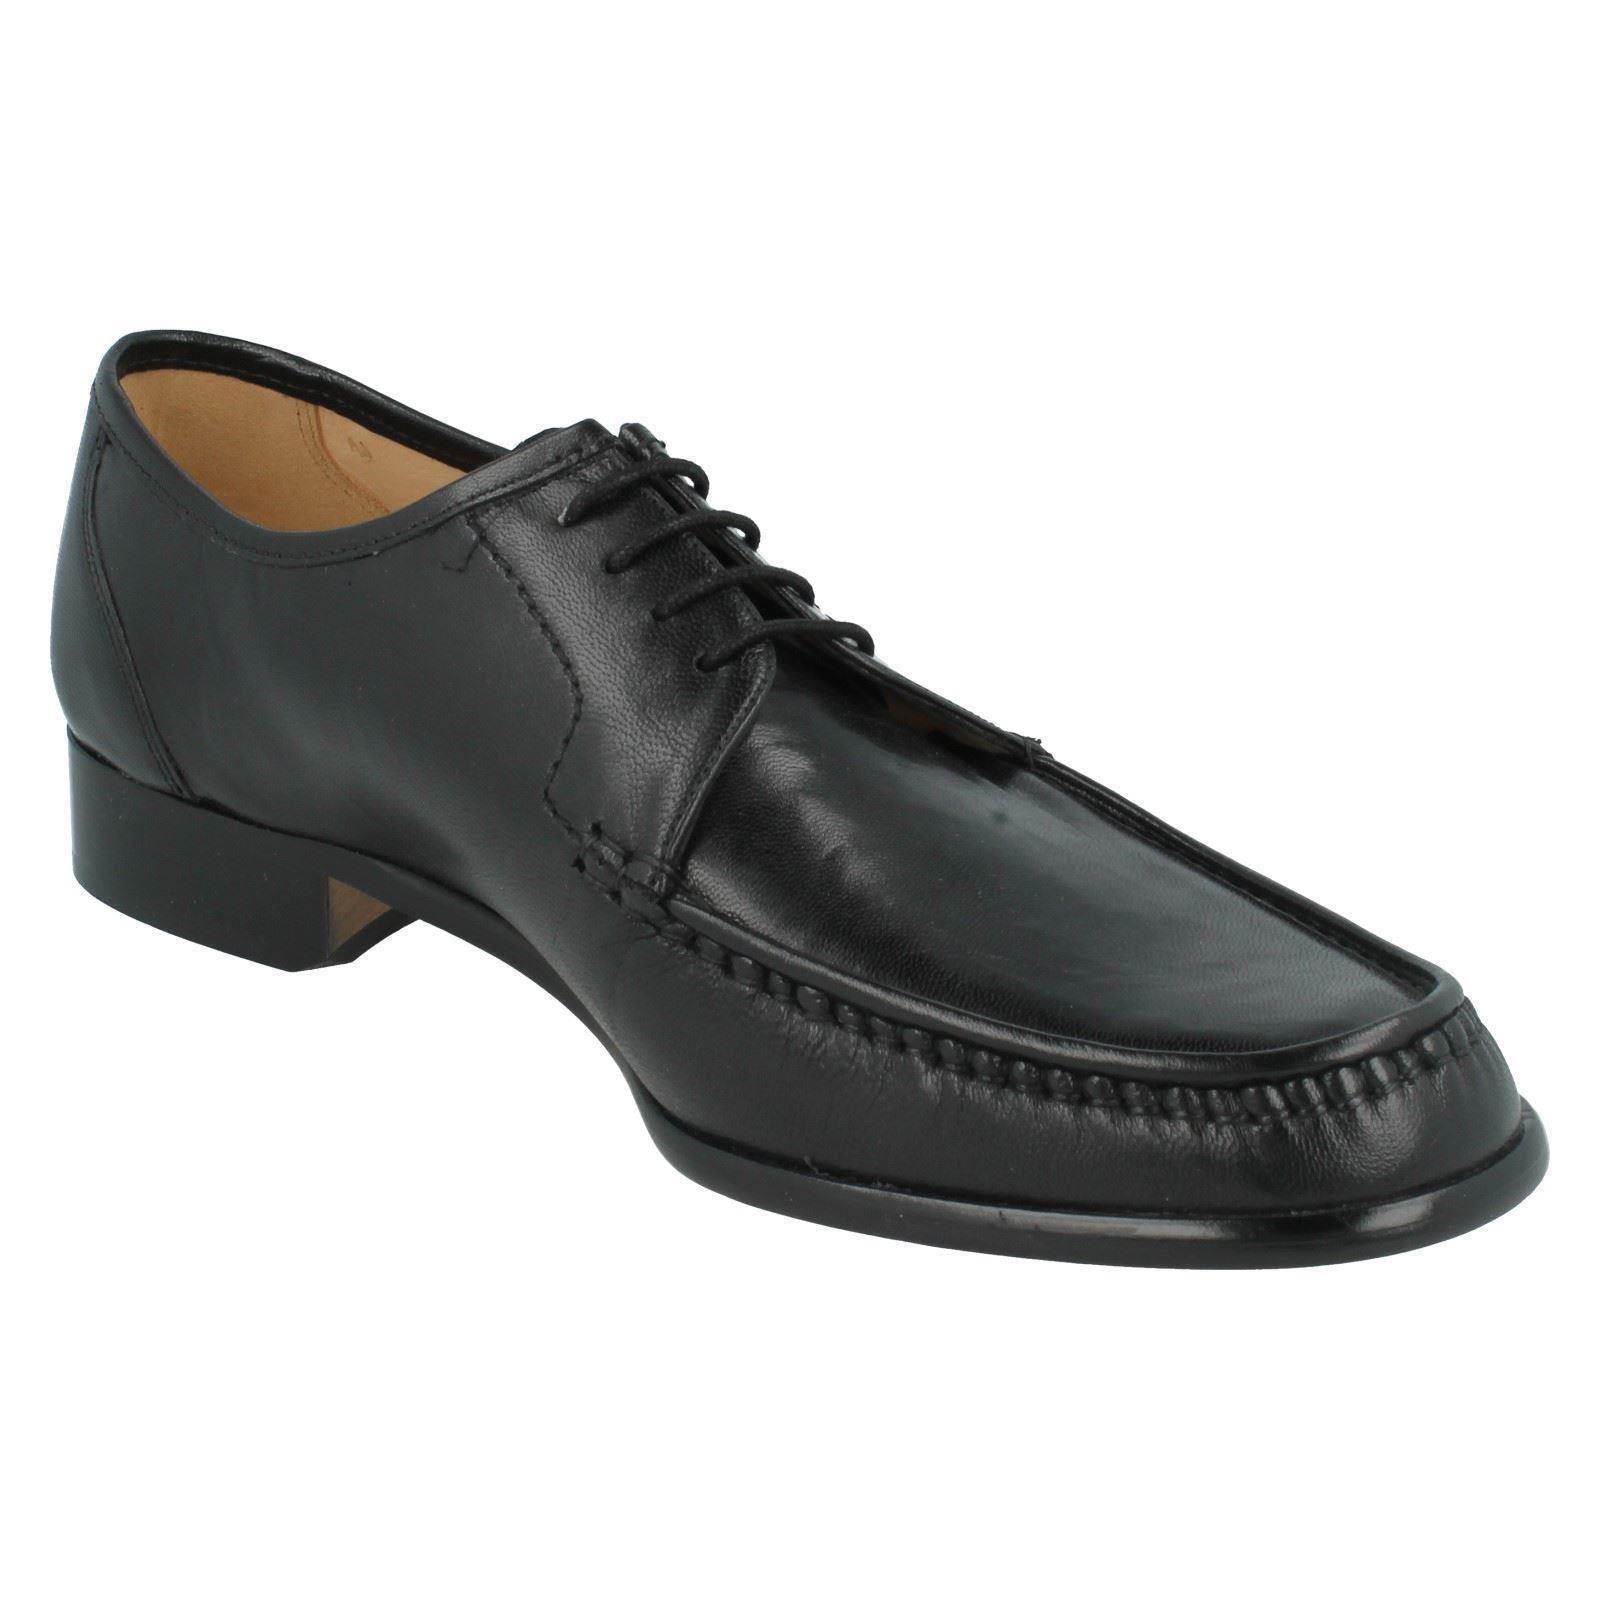 Da Scarpe Uomo Grenson Scarpe Da Formali Nero RACCORDO G STYLE-Crewe 33343-01 Scarpe classiche da uomo eac544